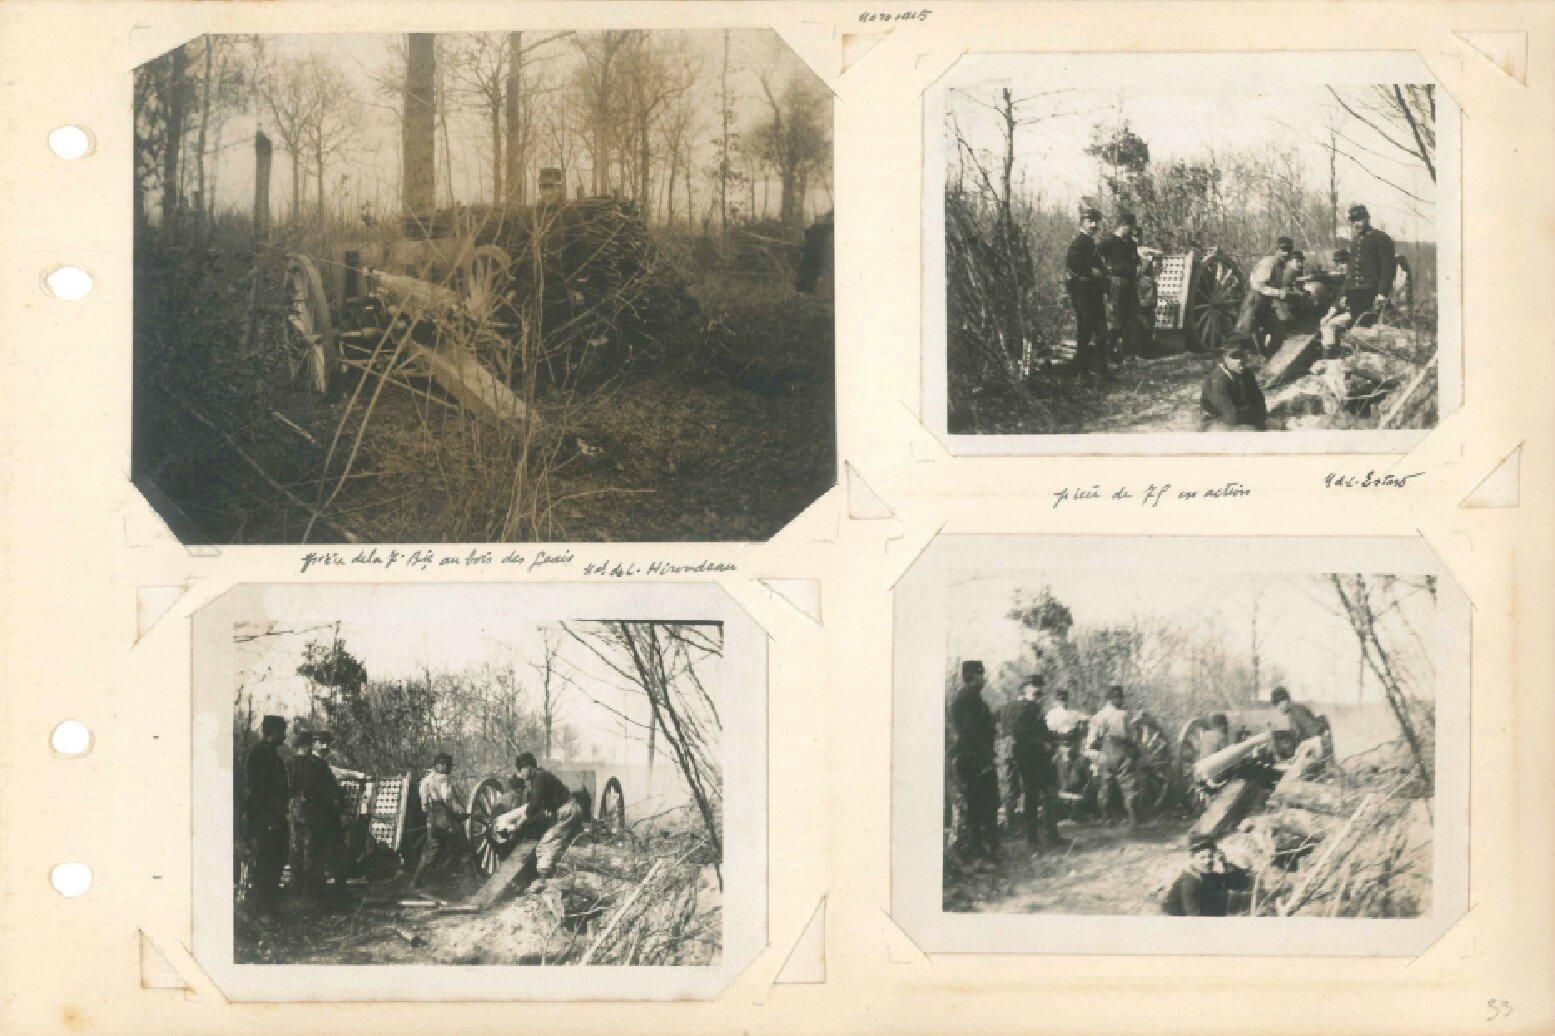 p.033 - Front de l'Aisne (13 septembre 1914 – 22 mai 1915)